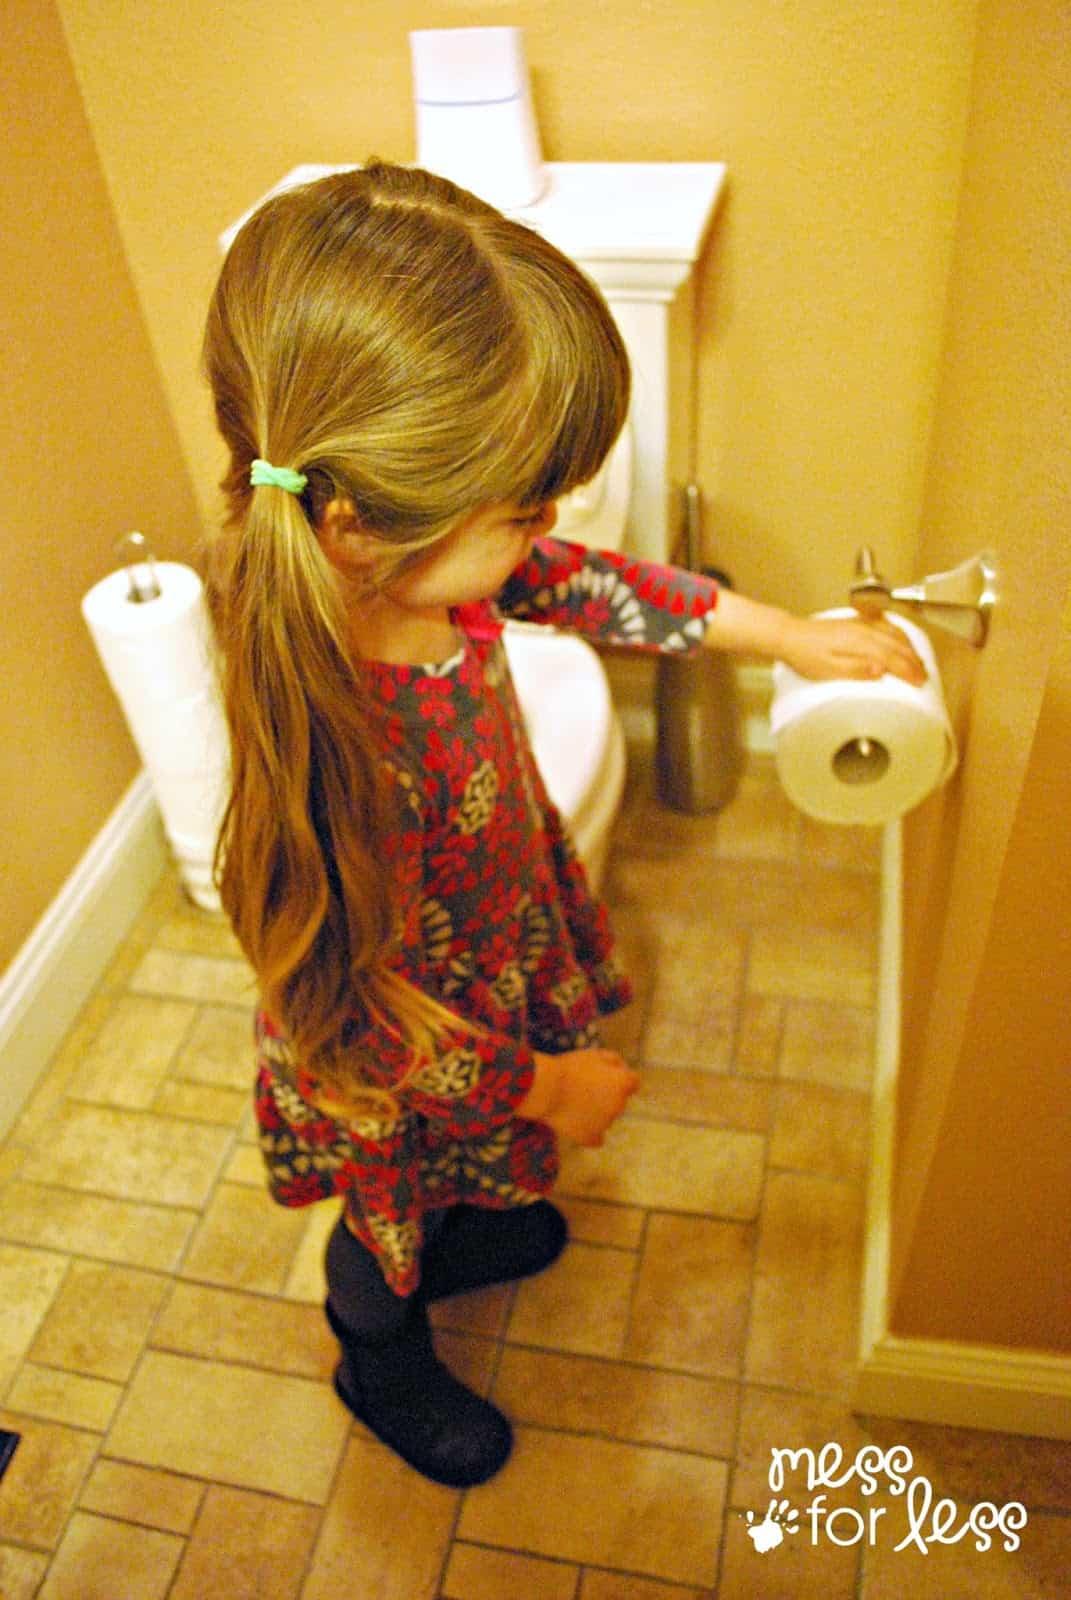 Cottonelle toilet paper #CtnlCareRoutine #PMedia #sponsored